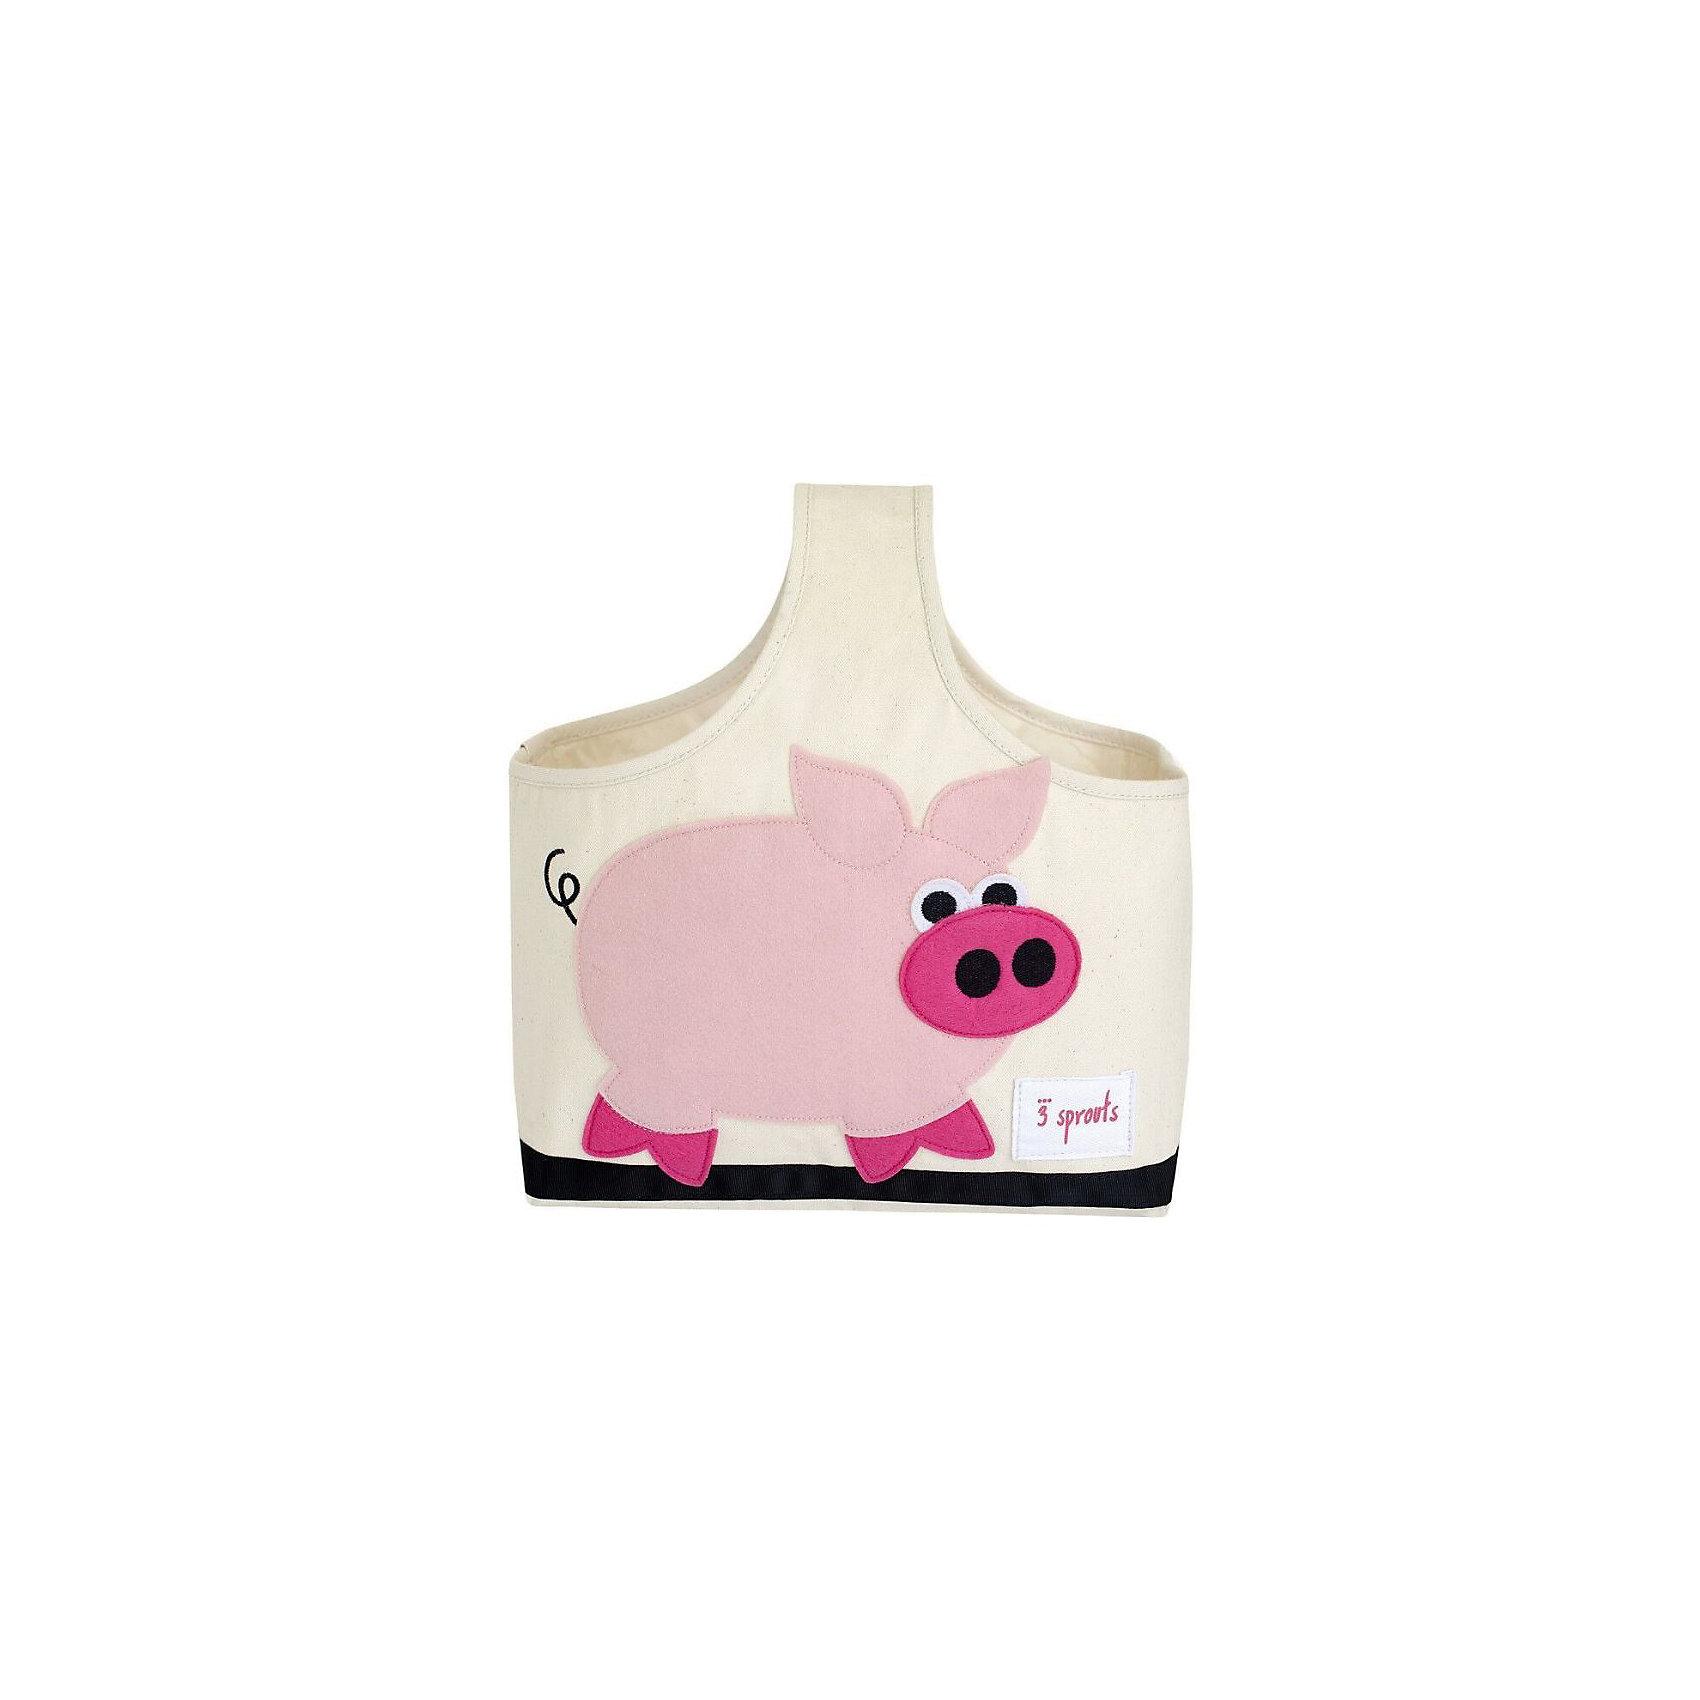 Сумочка для хранения детских принадлежностей Свинка (Pink Pig), 3 SproutsПорядок в детской<br>Яркая сумочка - это идеальное решение для хранения детских принадлежностей. Изготовленная из хлопкового брезента и фетра, она является прекрасным контейнером для хранения и переноски любых детских принадлежностей.<br><br>Дополнительная информация:<br><br>- Размер: 38x30x14 см.<br>- Материал: хлопок, фетр, полиэстер.<br>- Орнамент: Свинка.<br><br>Купить сумочку для хранения детских принадлежностей Свинка (Pink Pig), можно в нашем магазине.<br><br>Ширина мм: 320<br>Глубина мм: 240<br>Высота мм: 20<br>Вес г: 234<br>Возраст от месяцев: 6<br>Возраст до месяцев: 84<br>Пол: Унисекс<br>Возраст: Детский<br>SKU: 5098233